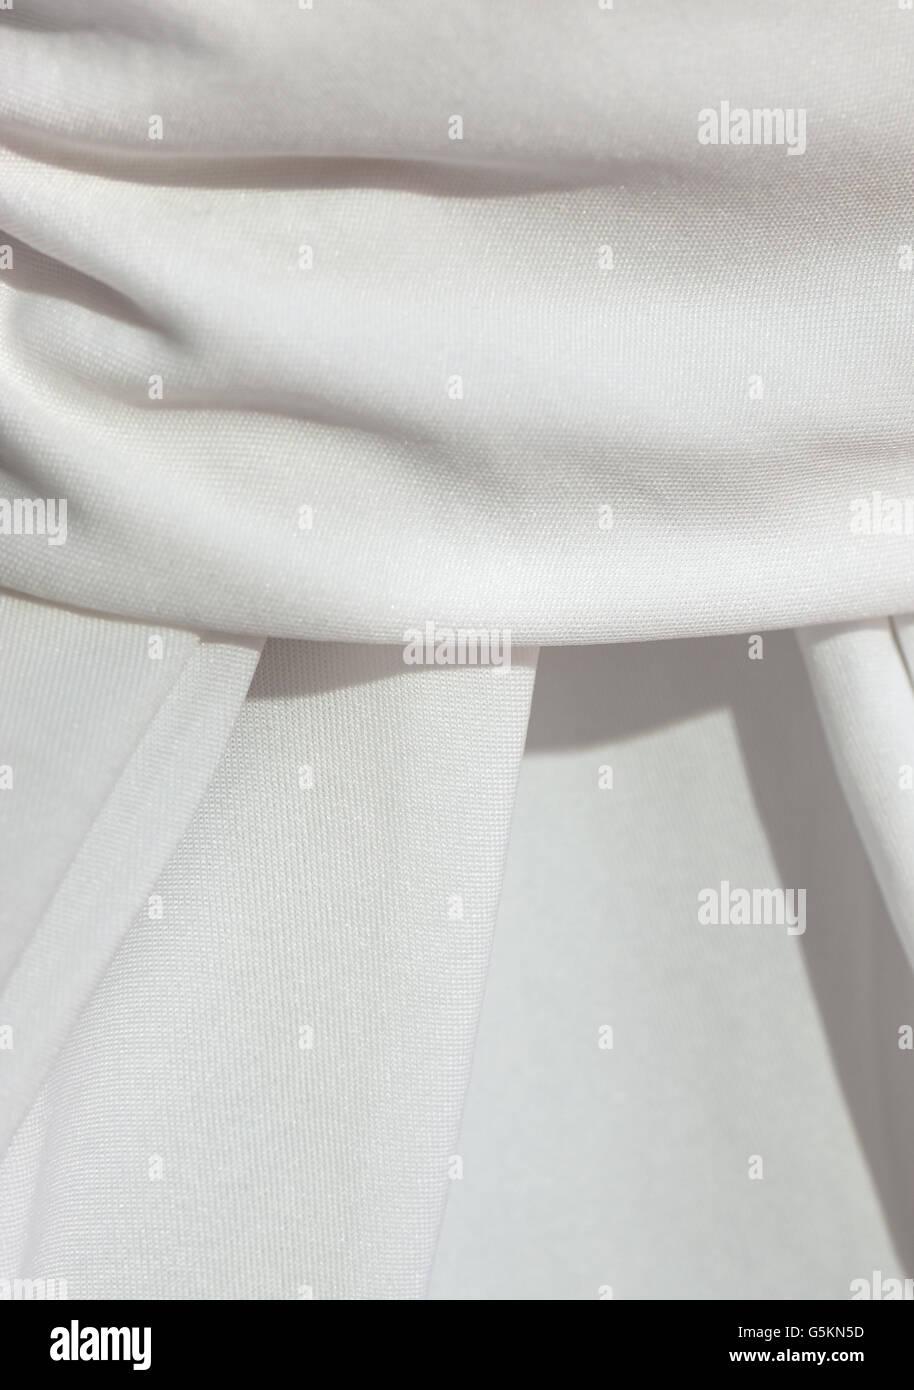 Detail von einem drapierten weißen Tischdecke Stockbild